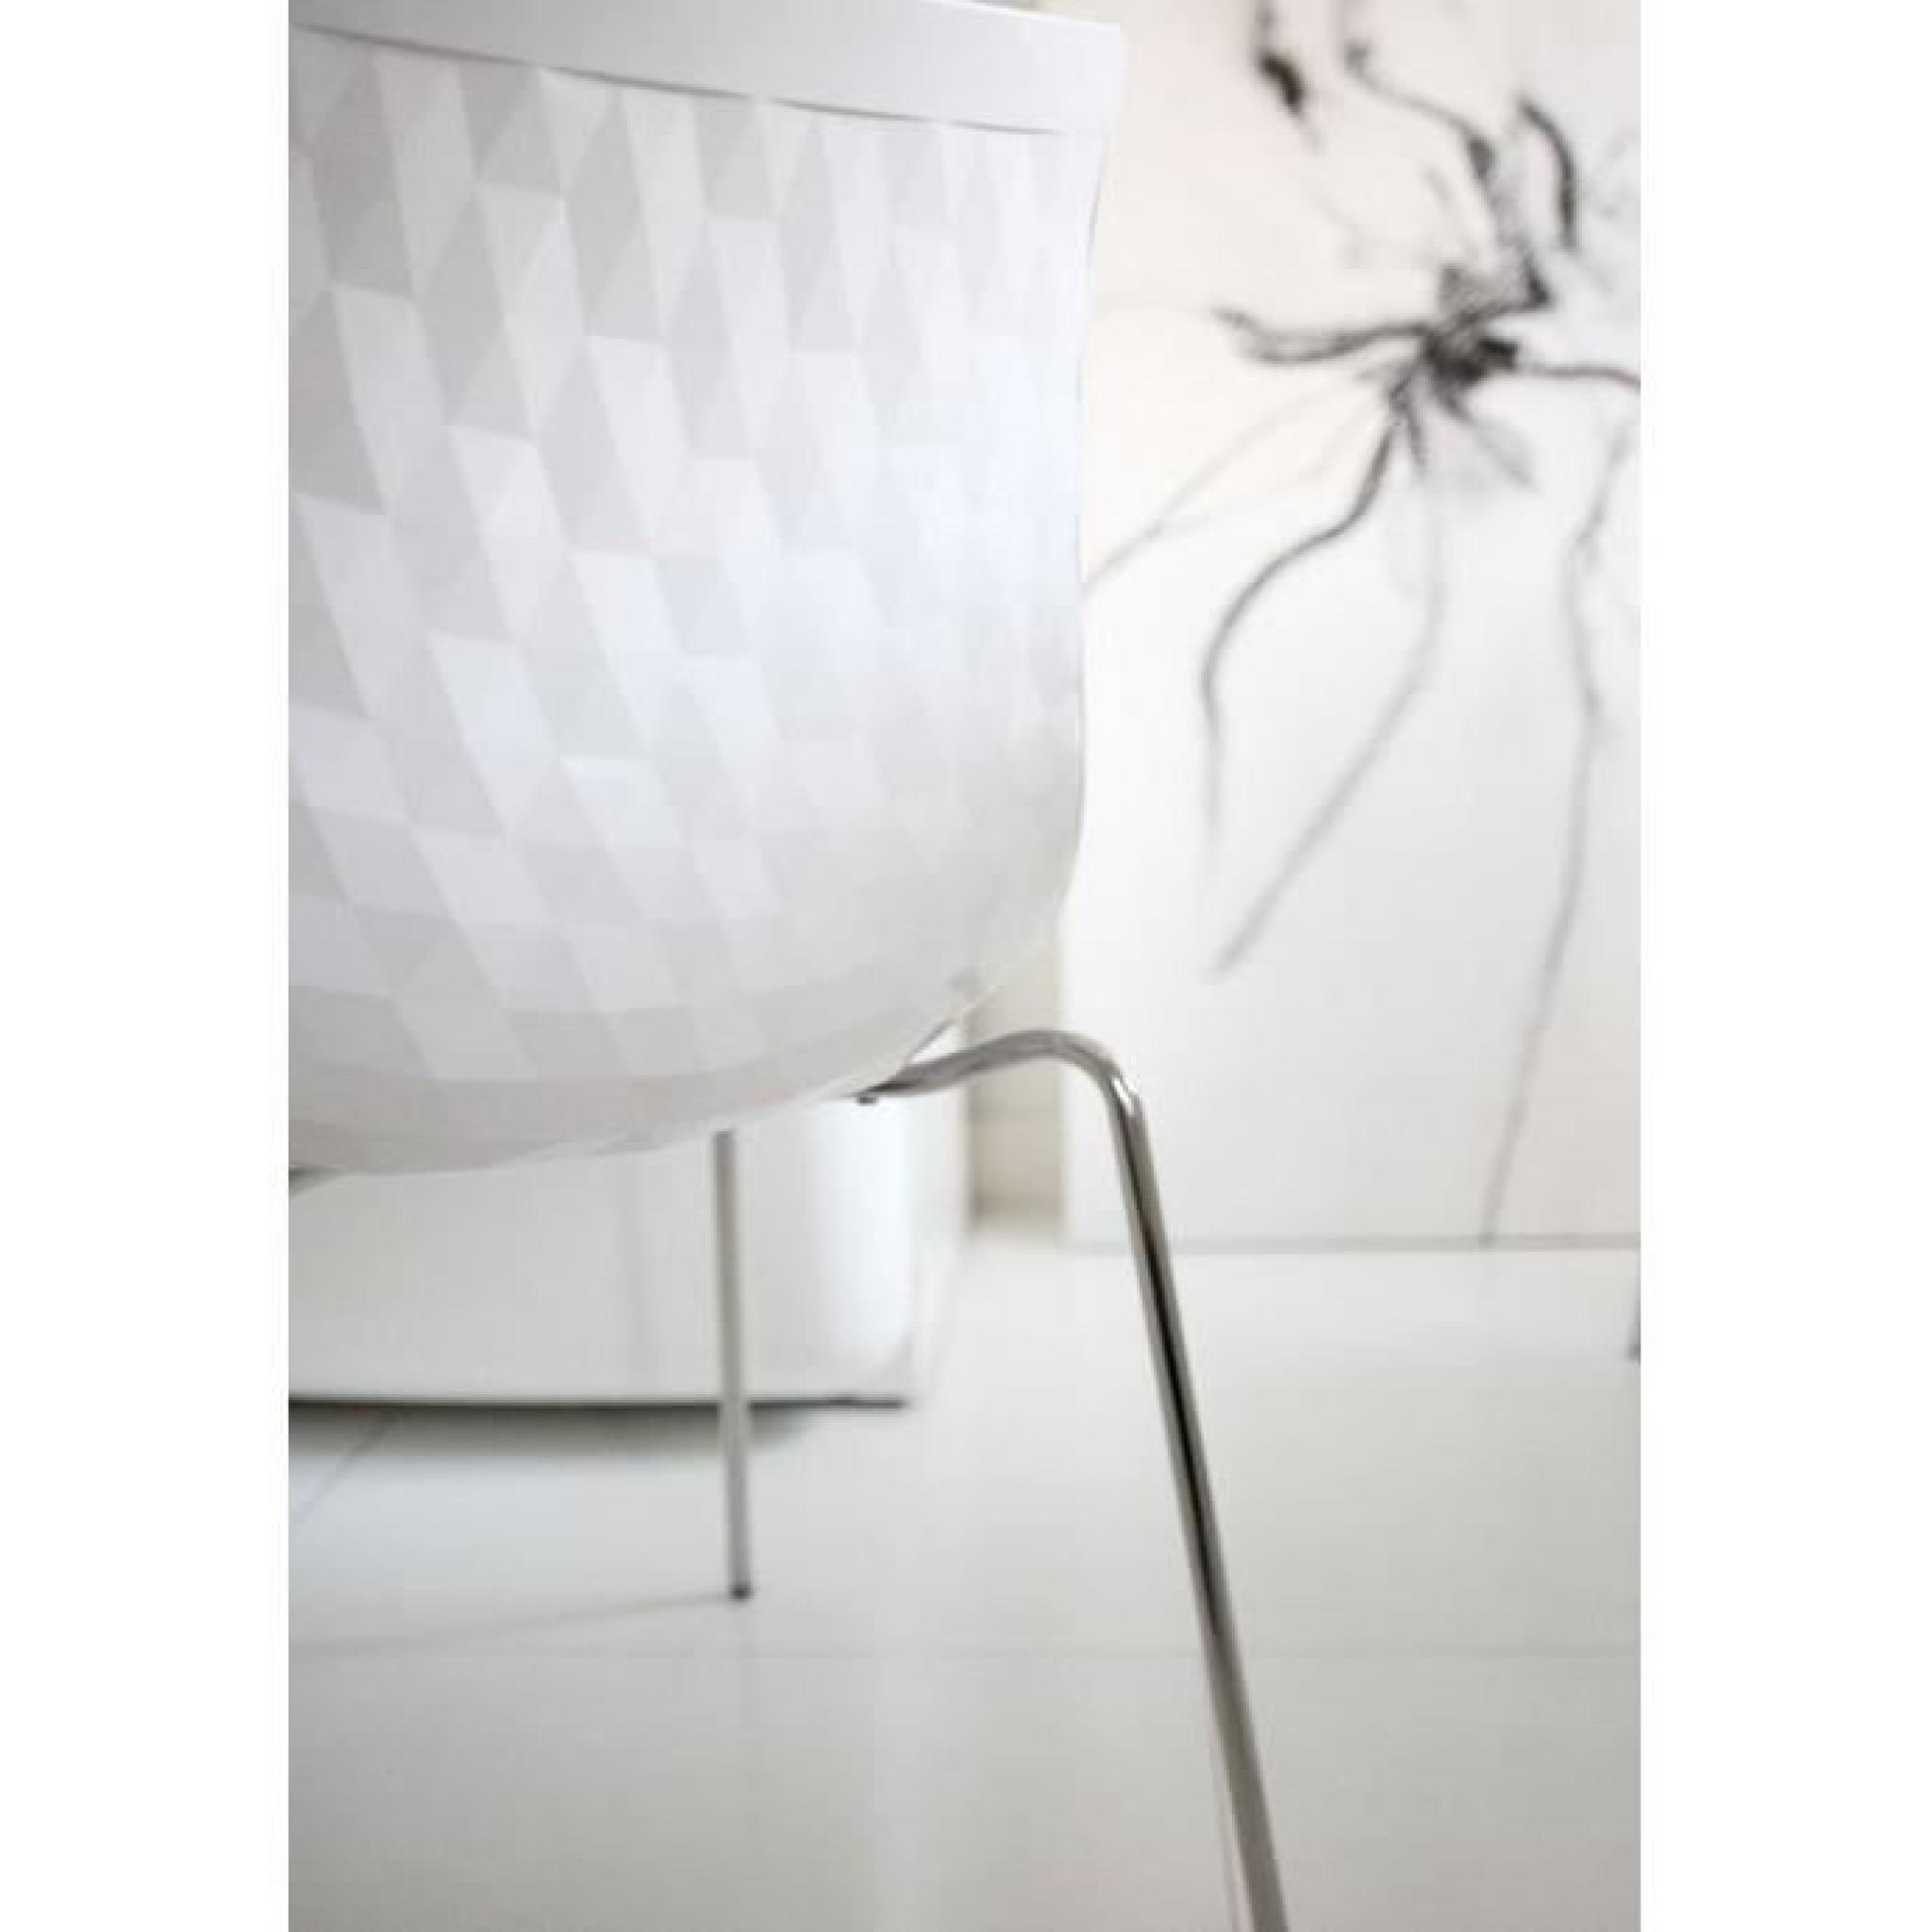 de design brillante CALLIGARIS blanche Chaise ICE 6vYbf7gy